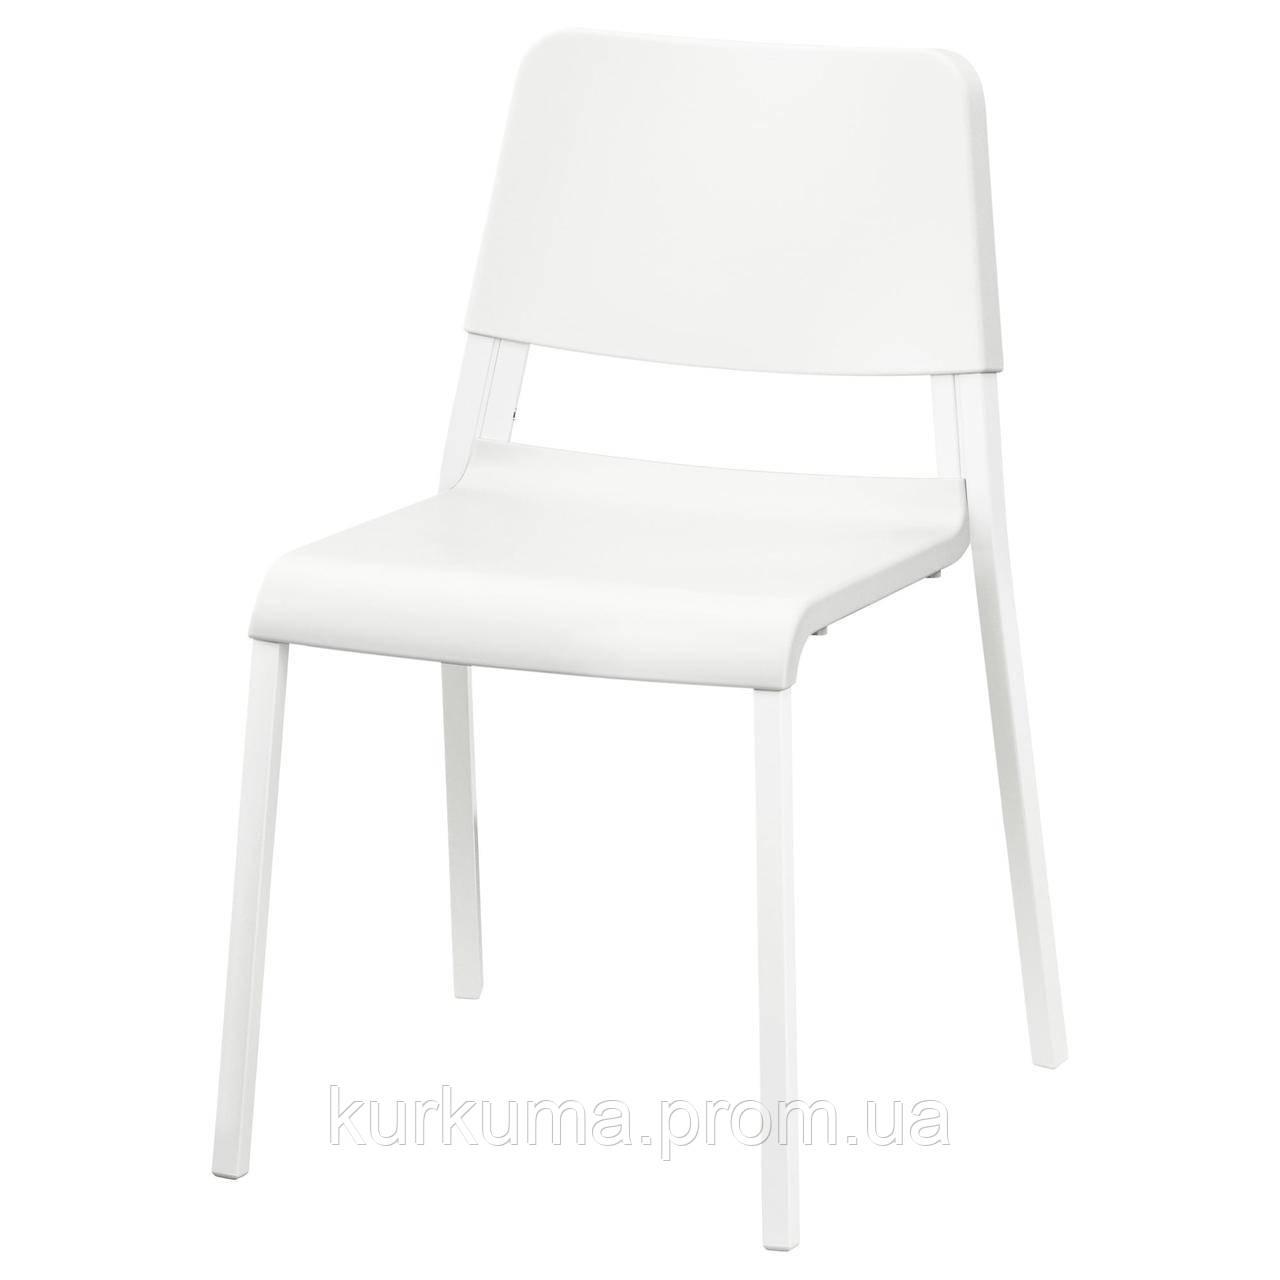 IKEA TEODORES Стул, белый  (903.509.37)